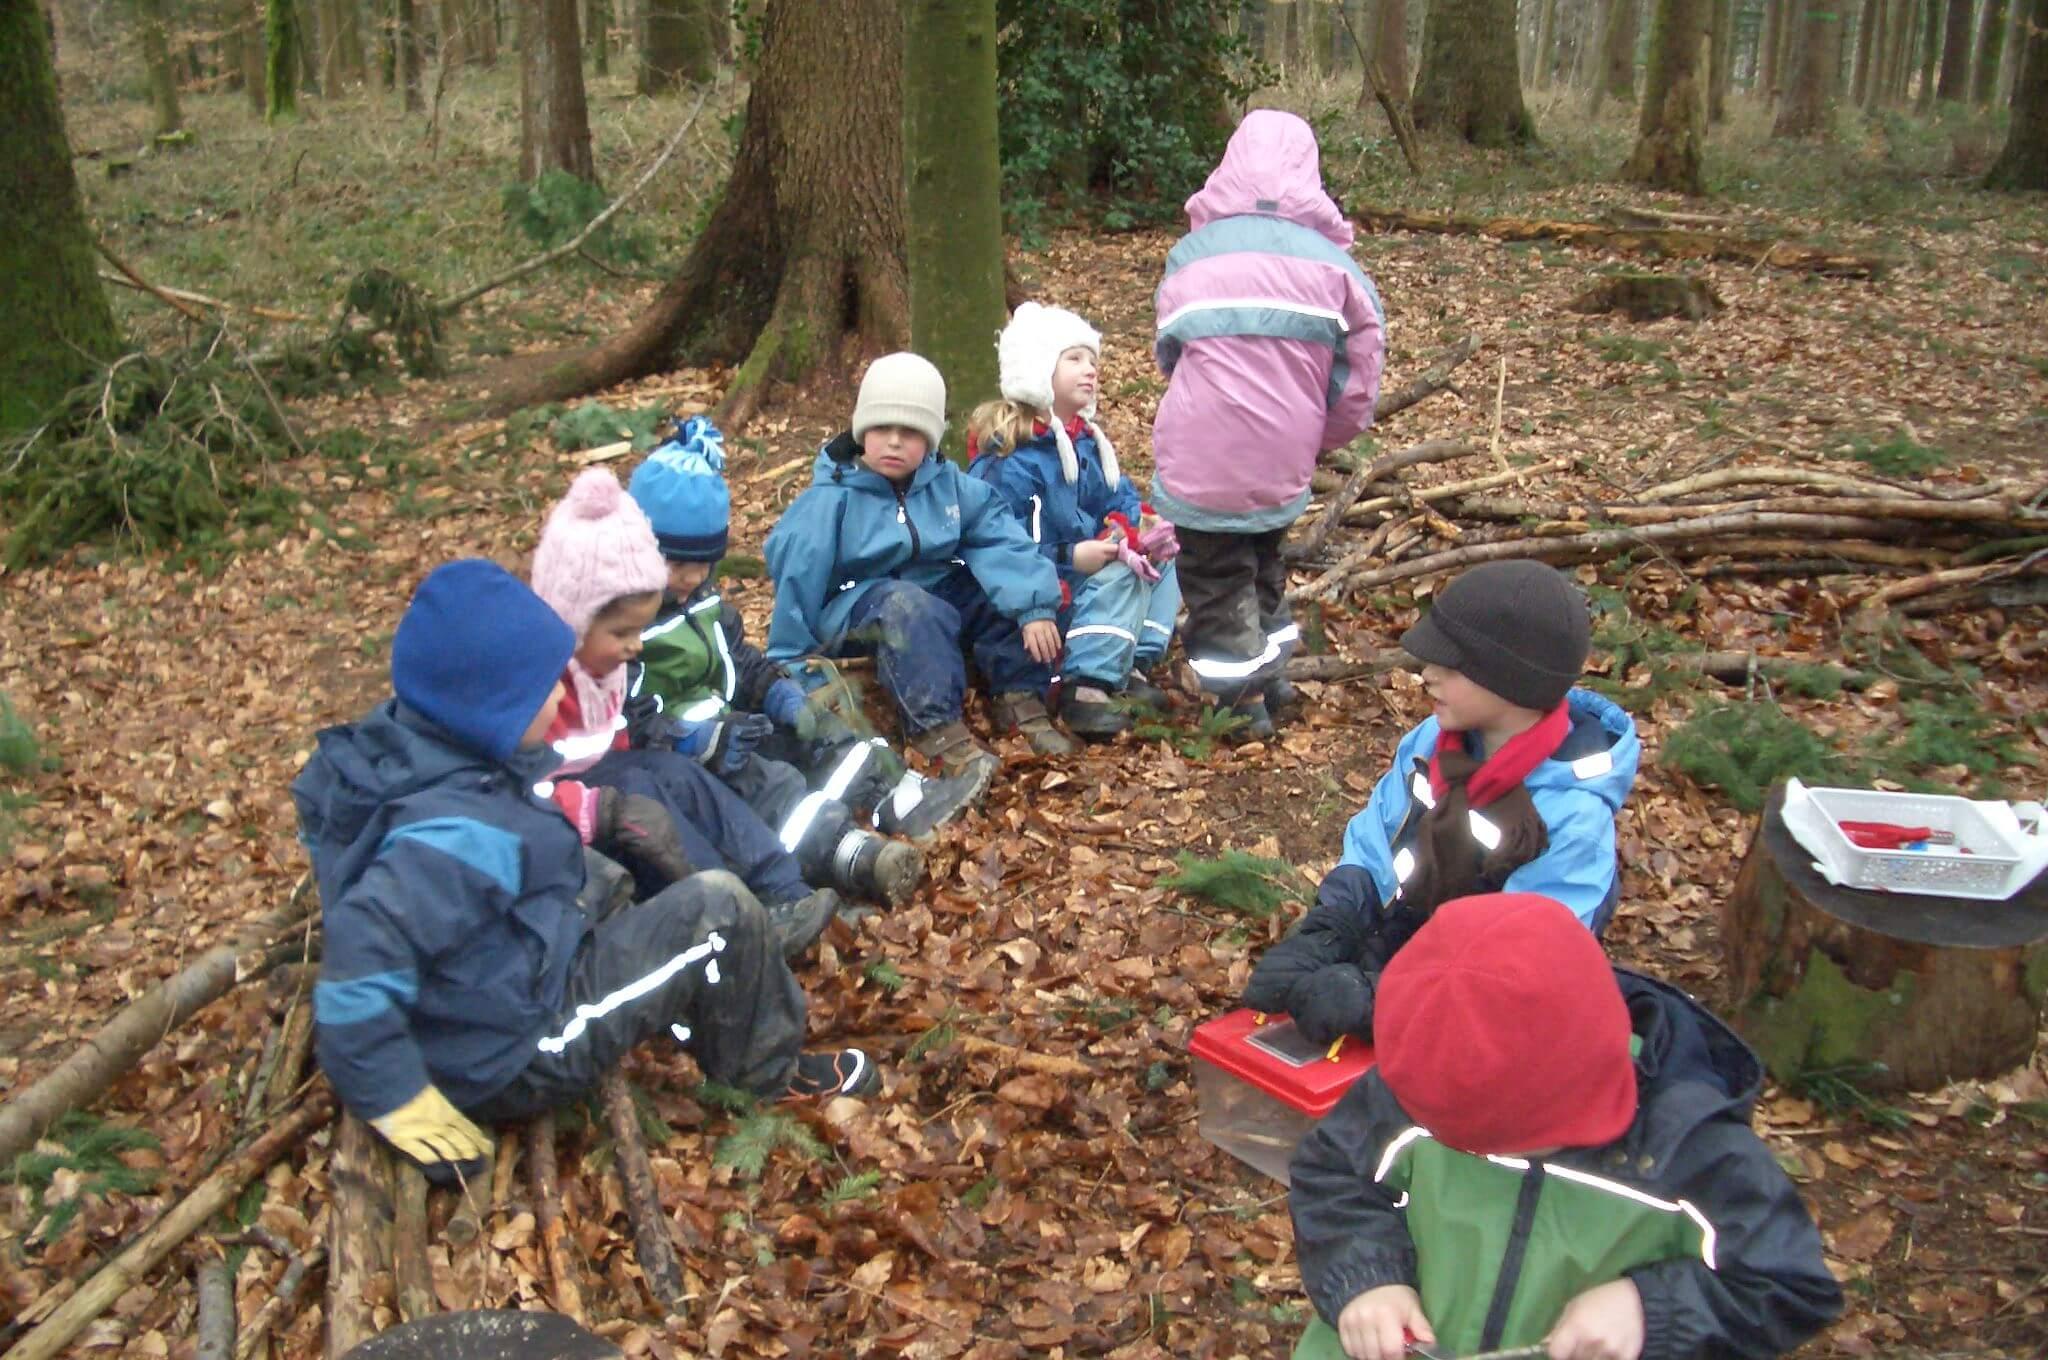 Viele Kinder spielen im Wald.